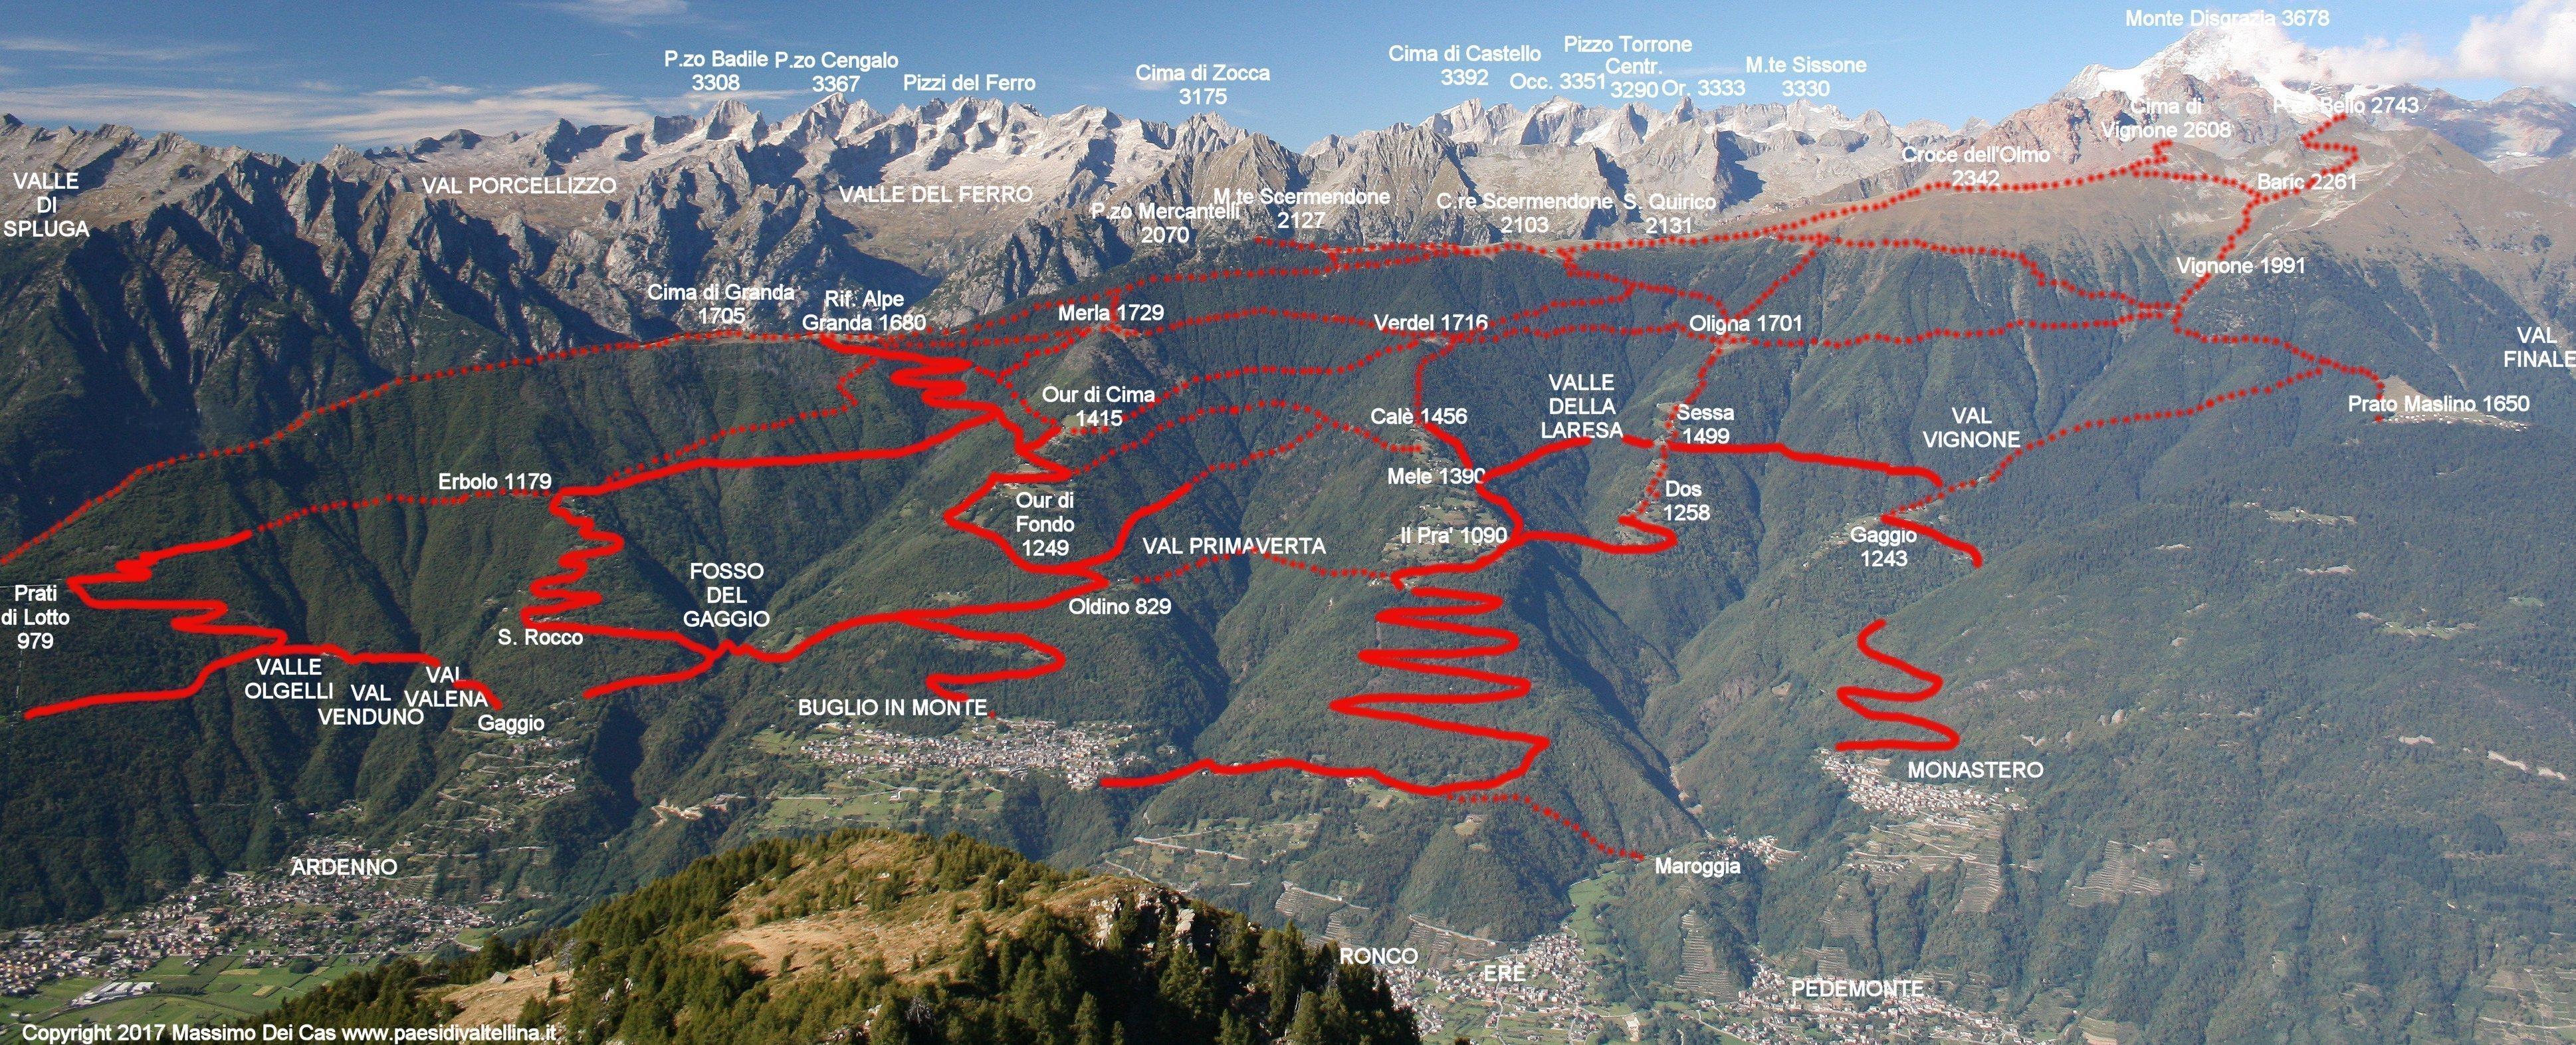 L 39 alpe granda il rifugio alpe granda ad ardenno for Piani di coperta ad alta elevazione